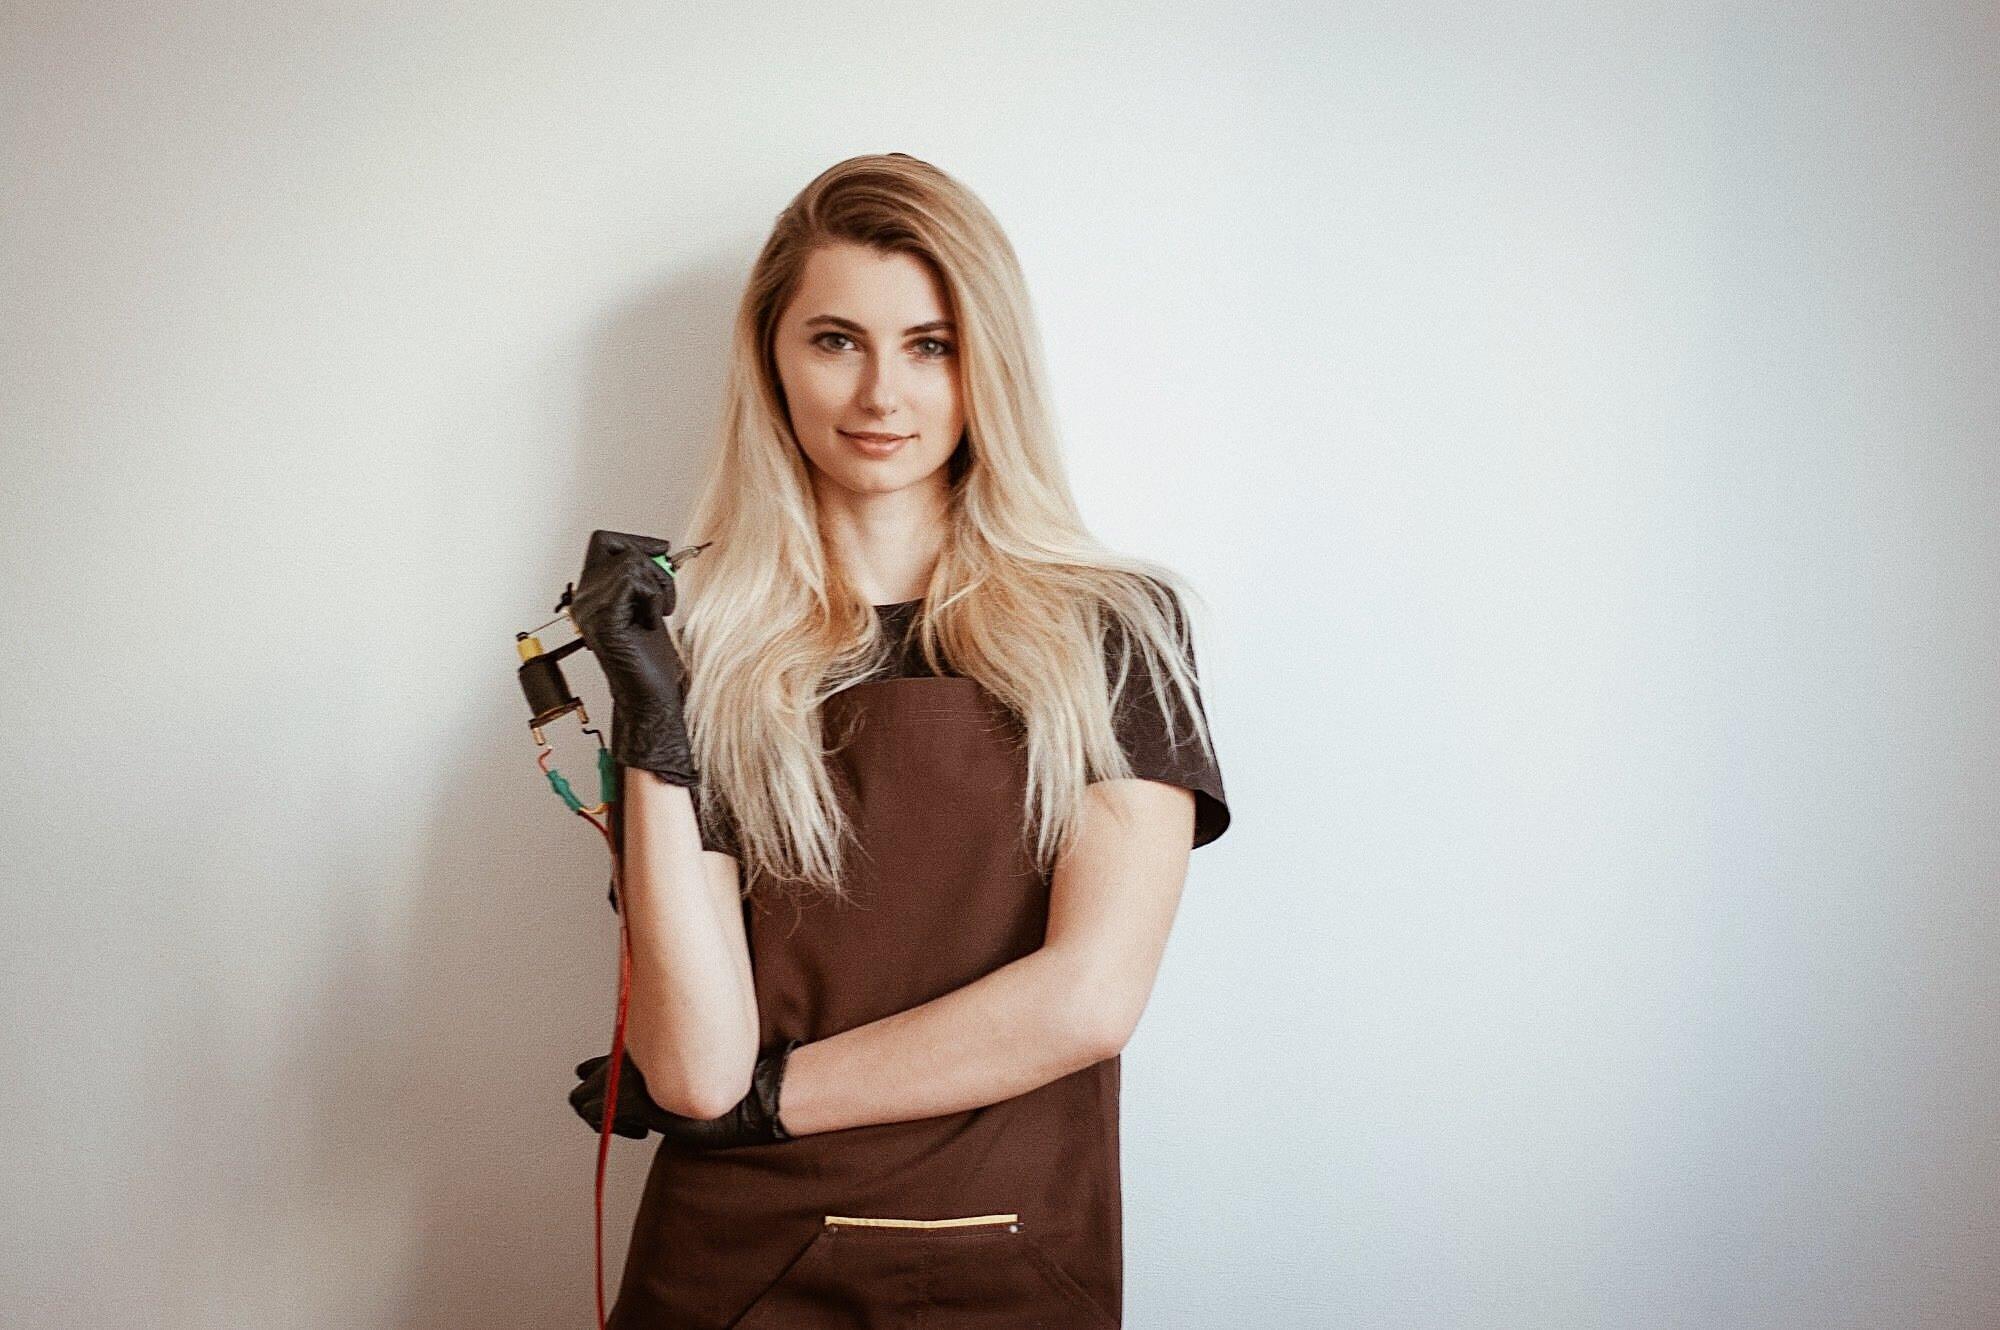 Будні татуювальниці: інтерв'ю з київським майстром тату Анною Плюсніною @annaseamood